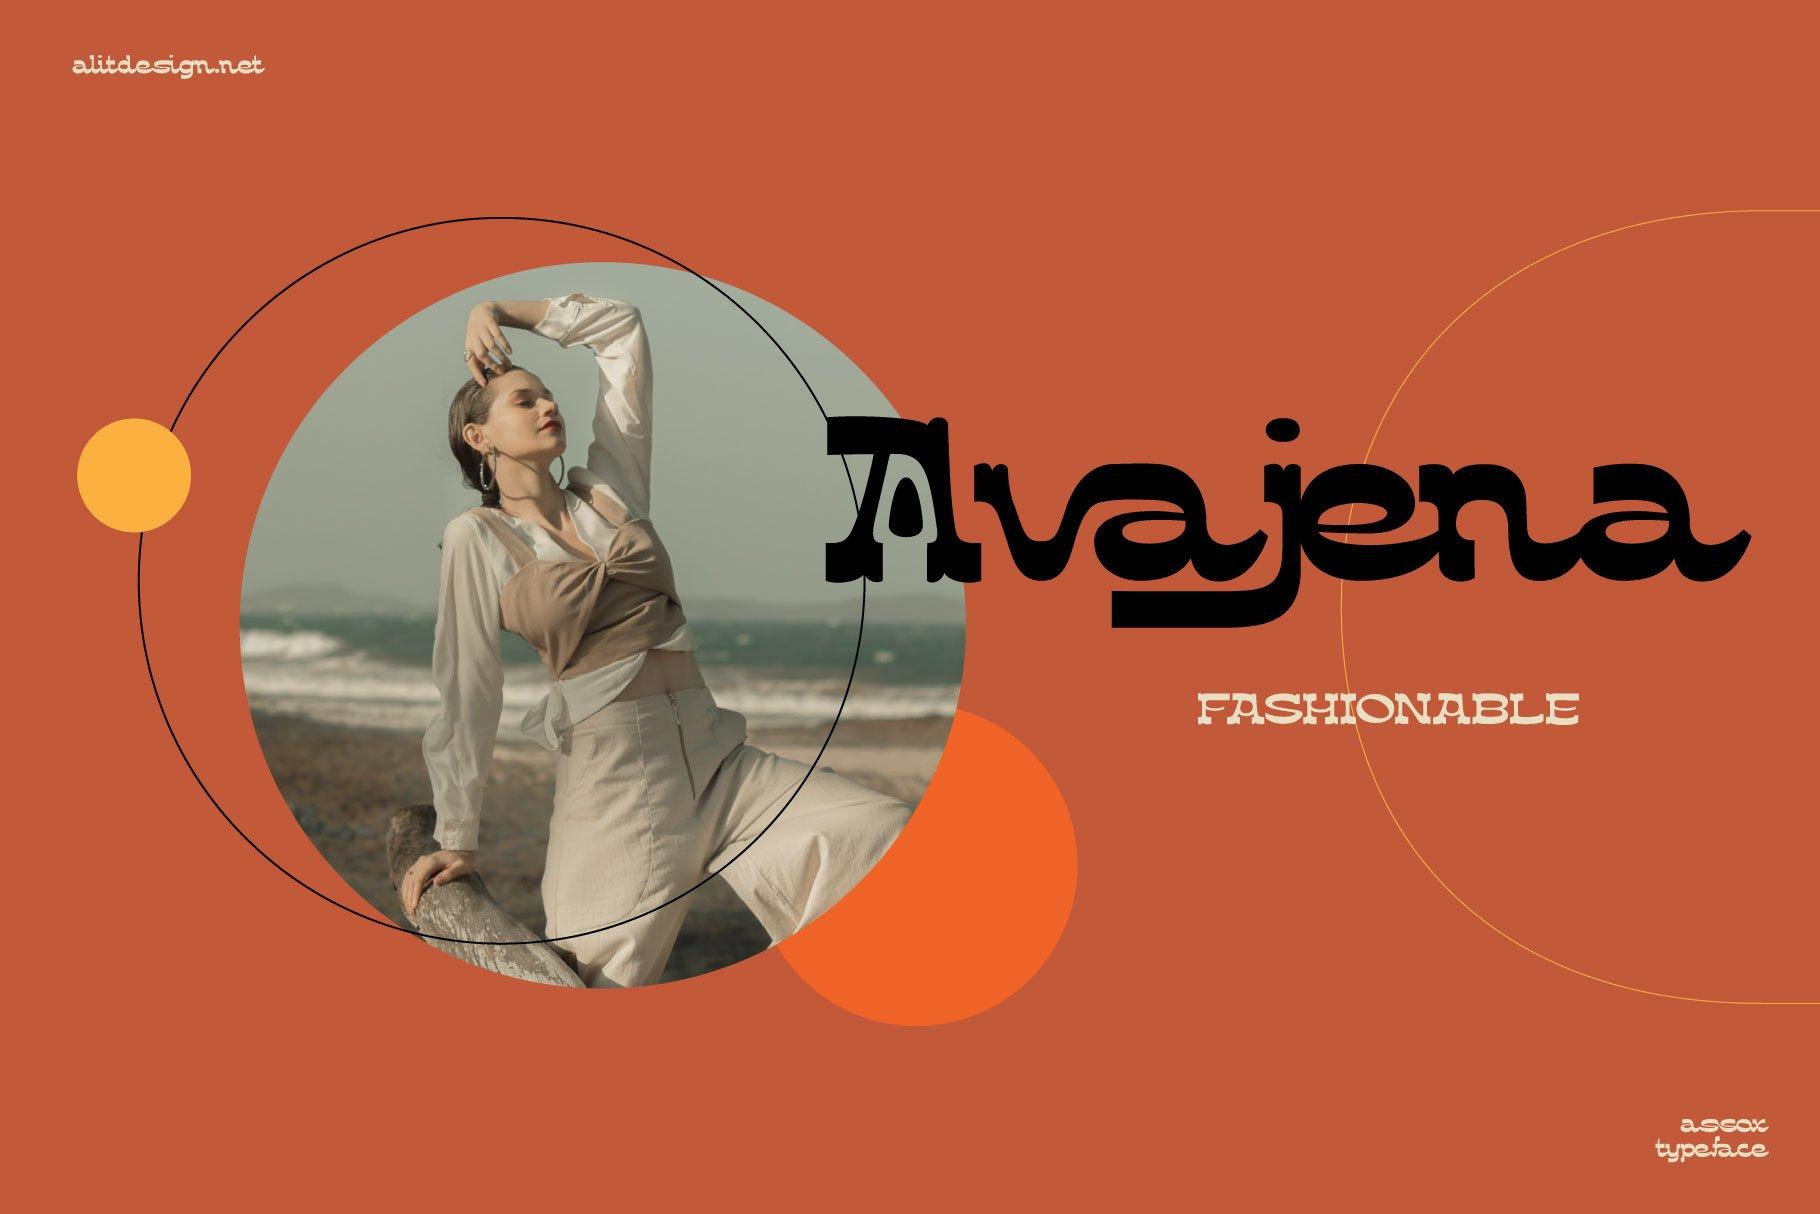 [单独购买] 潮流复古酸性逆反差海报标题Logo设计衬线英文字体素材 Assox Typeface插图9